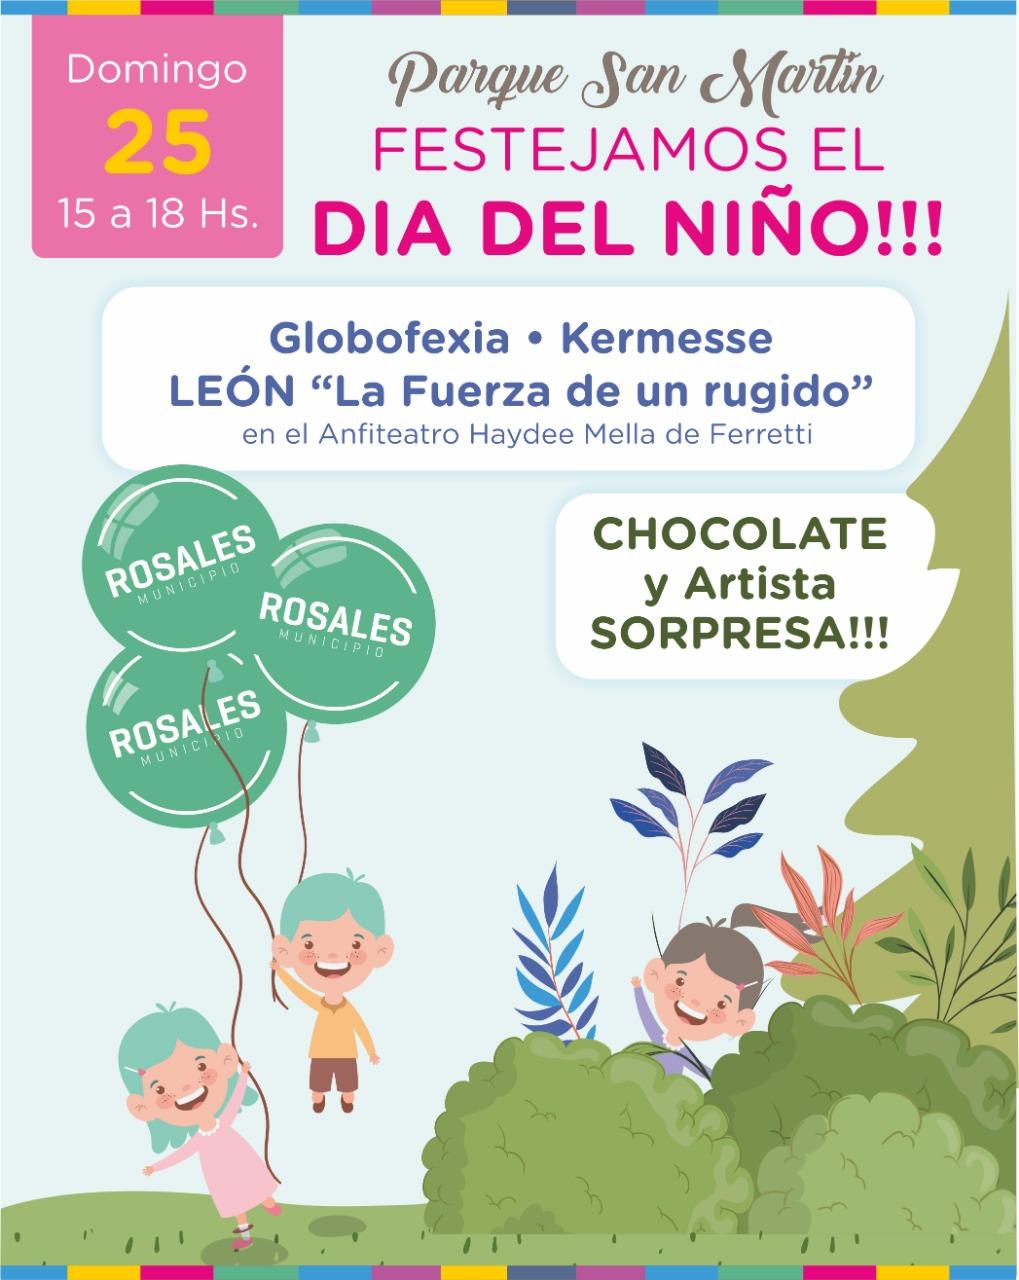 """El Municipio celebrará el """"Día del Niño"""" el domingo 25 en Parque San Martín"""